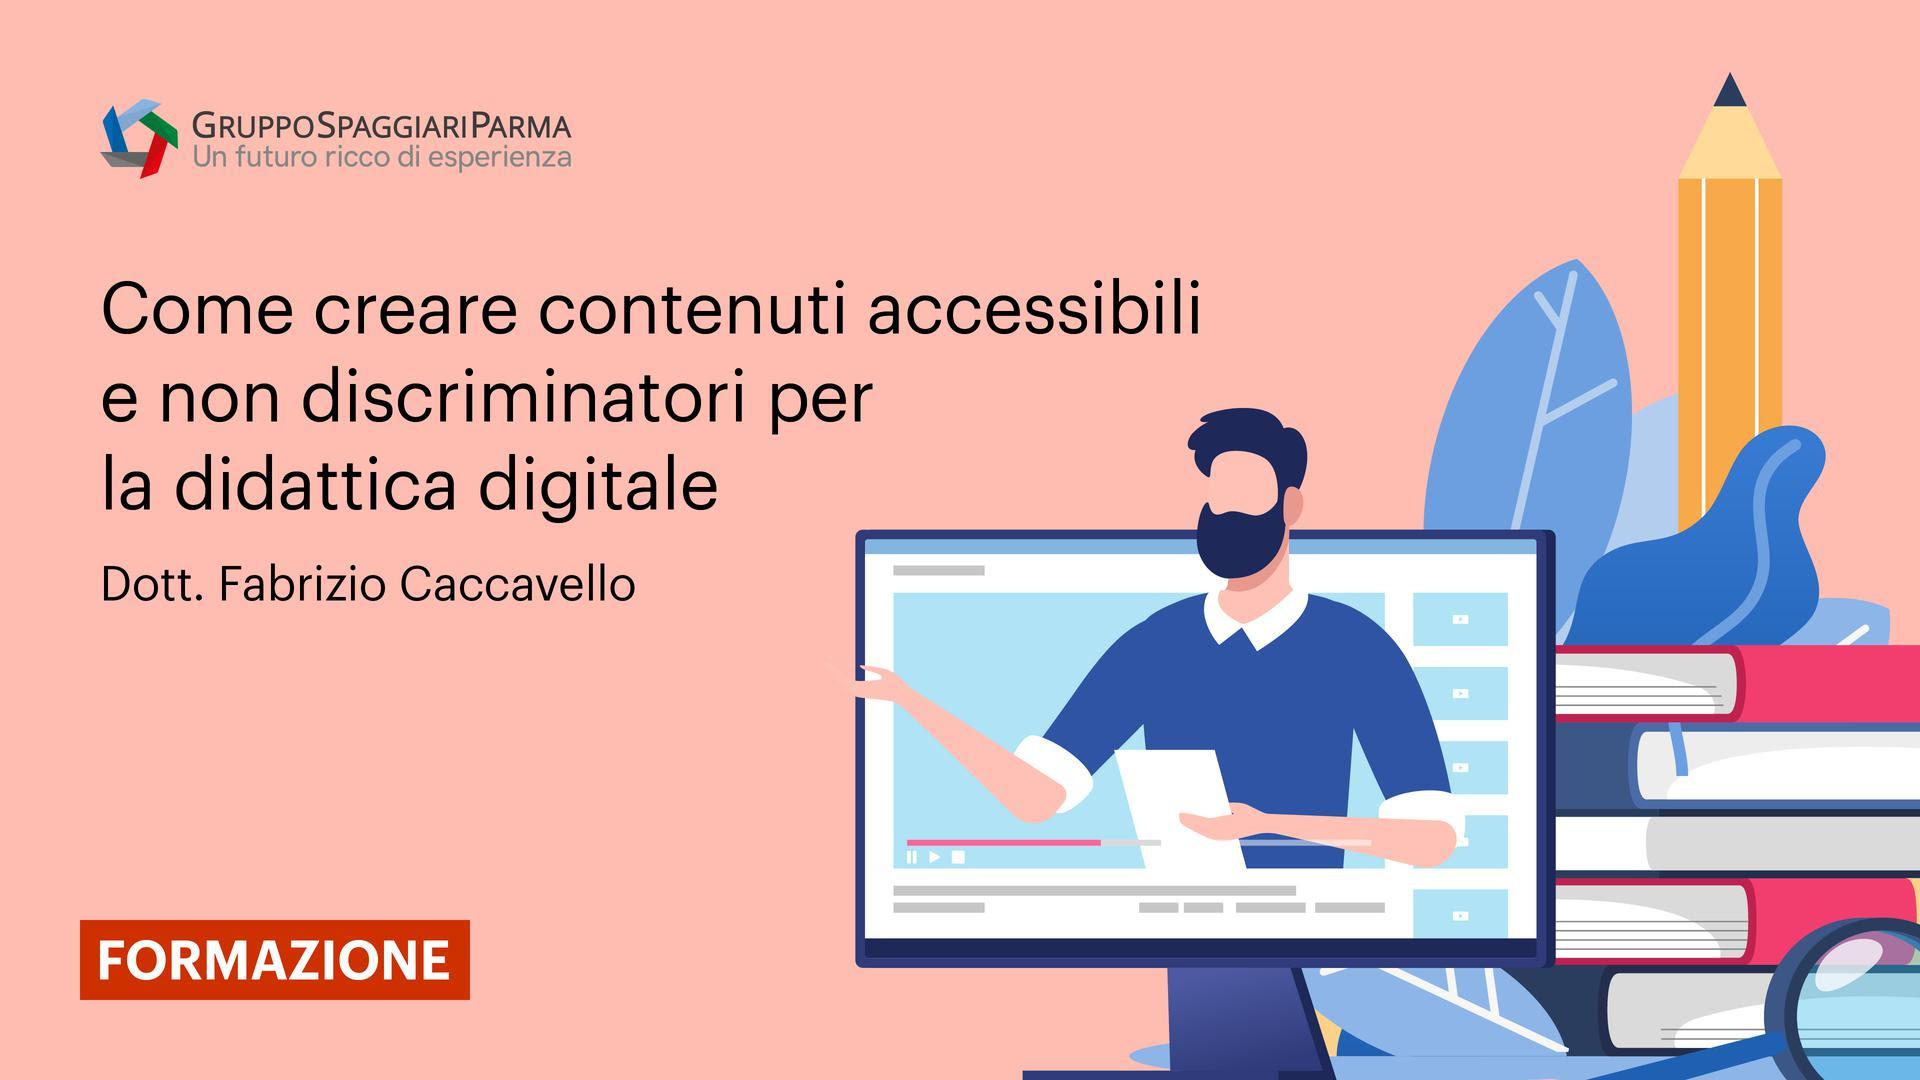 Come creare contenuti accessibili e non discriminatori per la didattica digitale - Dott. Fabrizio Caccavello